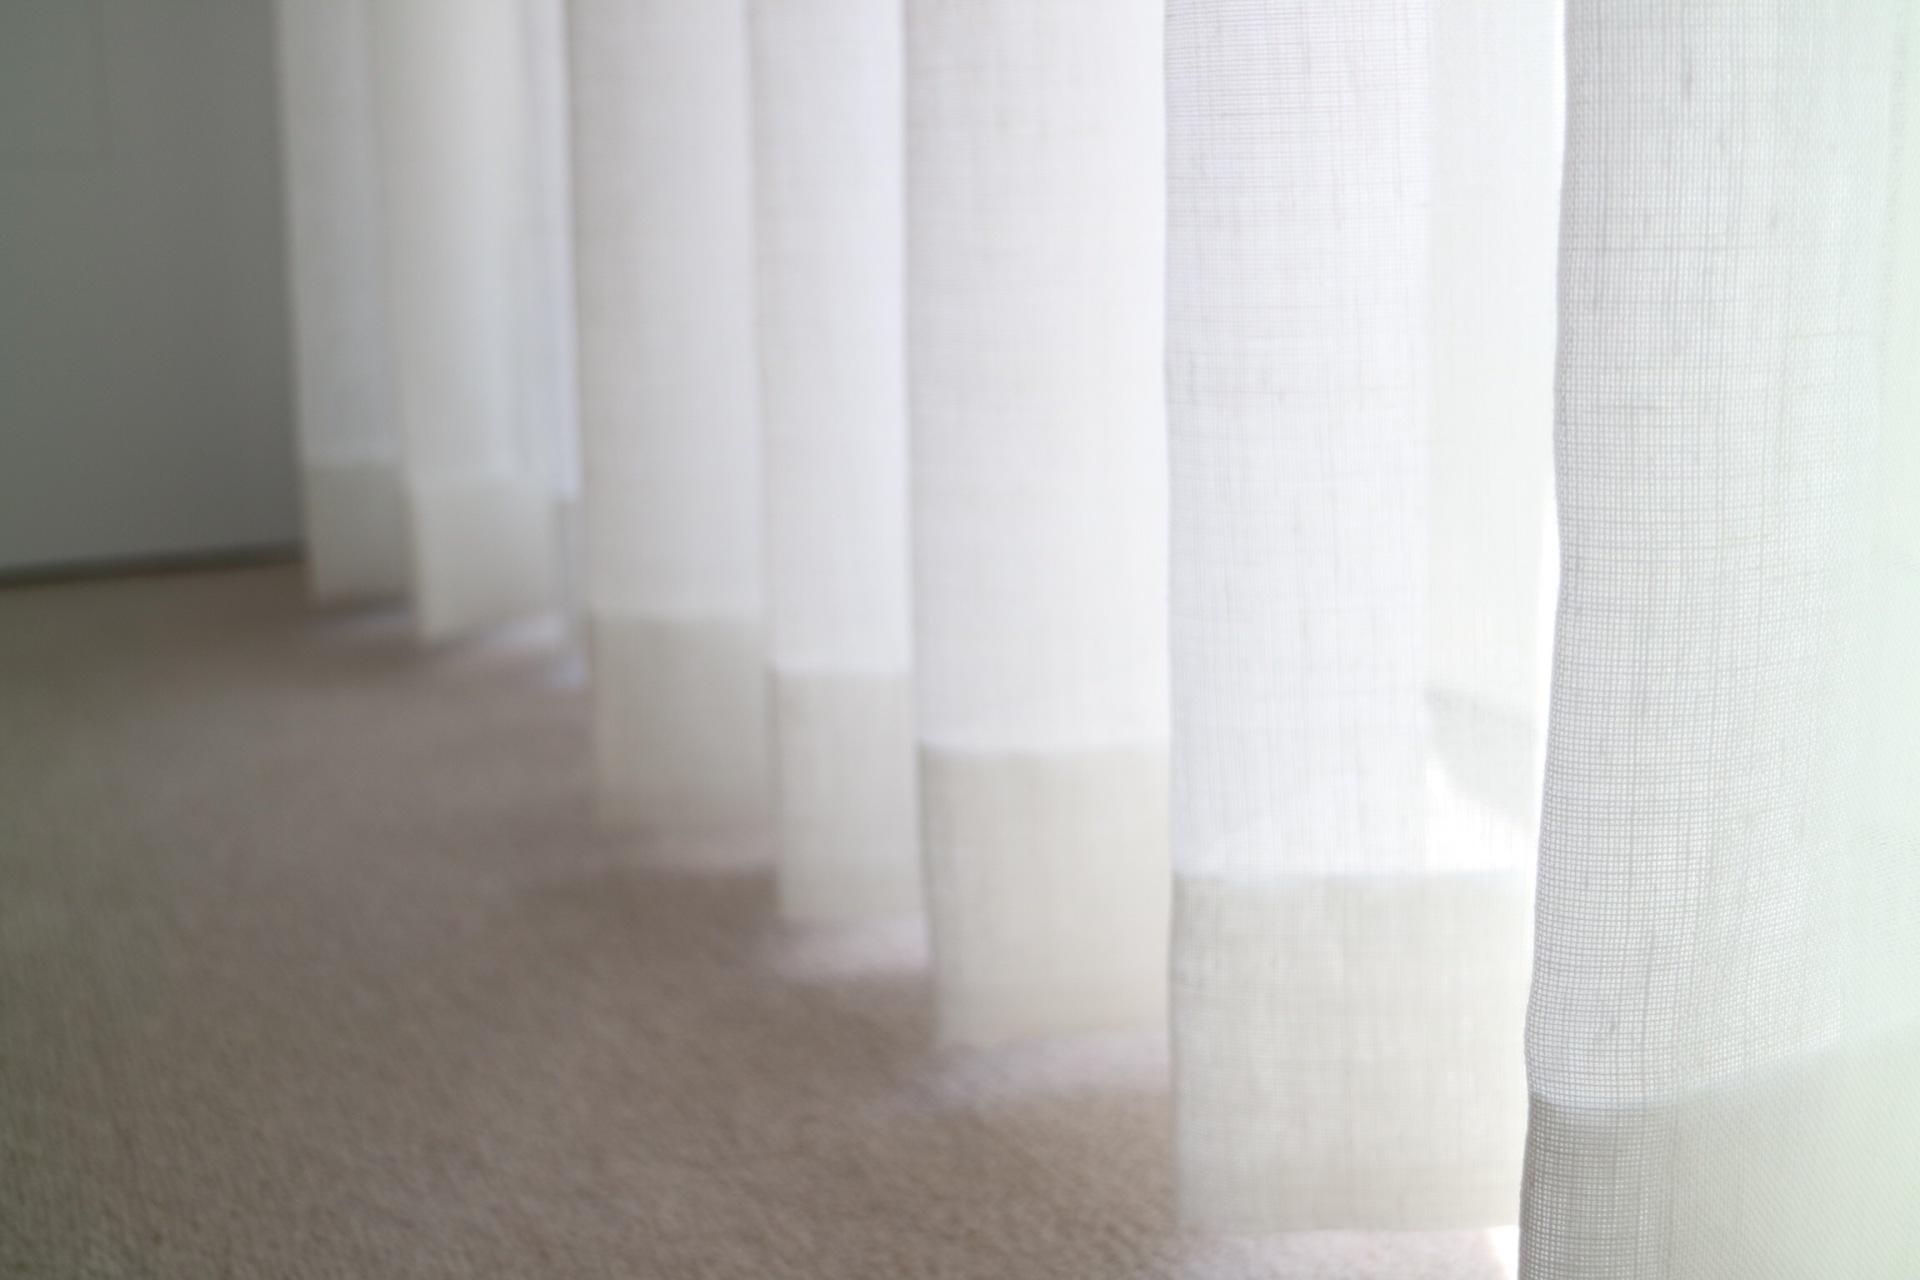 Voile Curtains in Twickenham